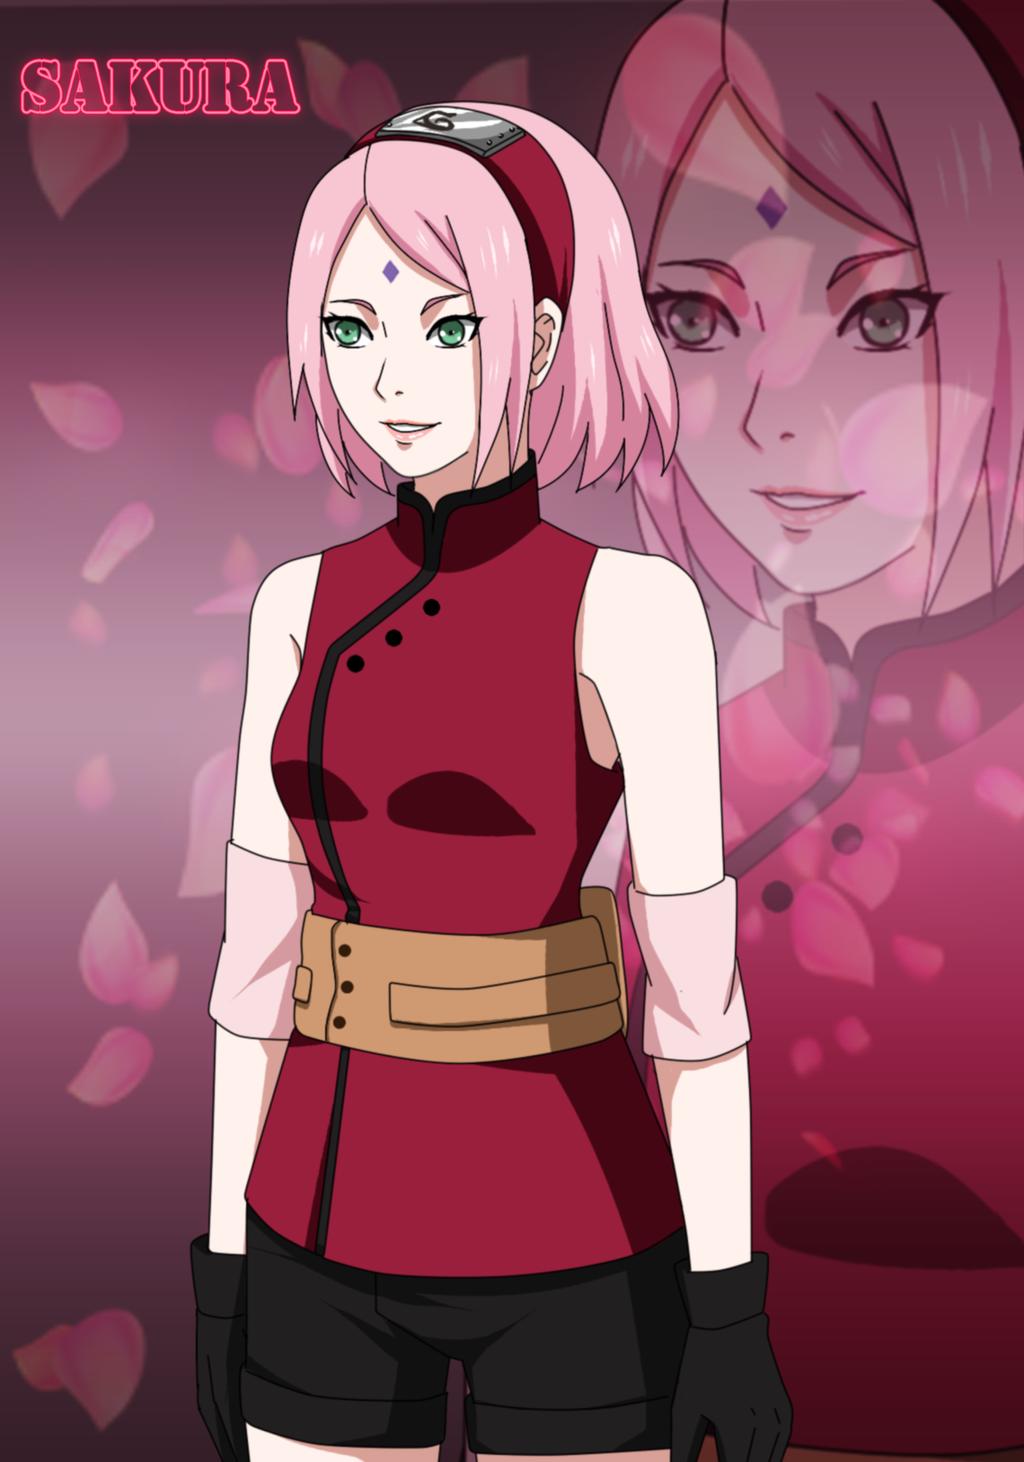 Sakura haruno new hairstyle from the new movie | Undertow